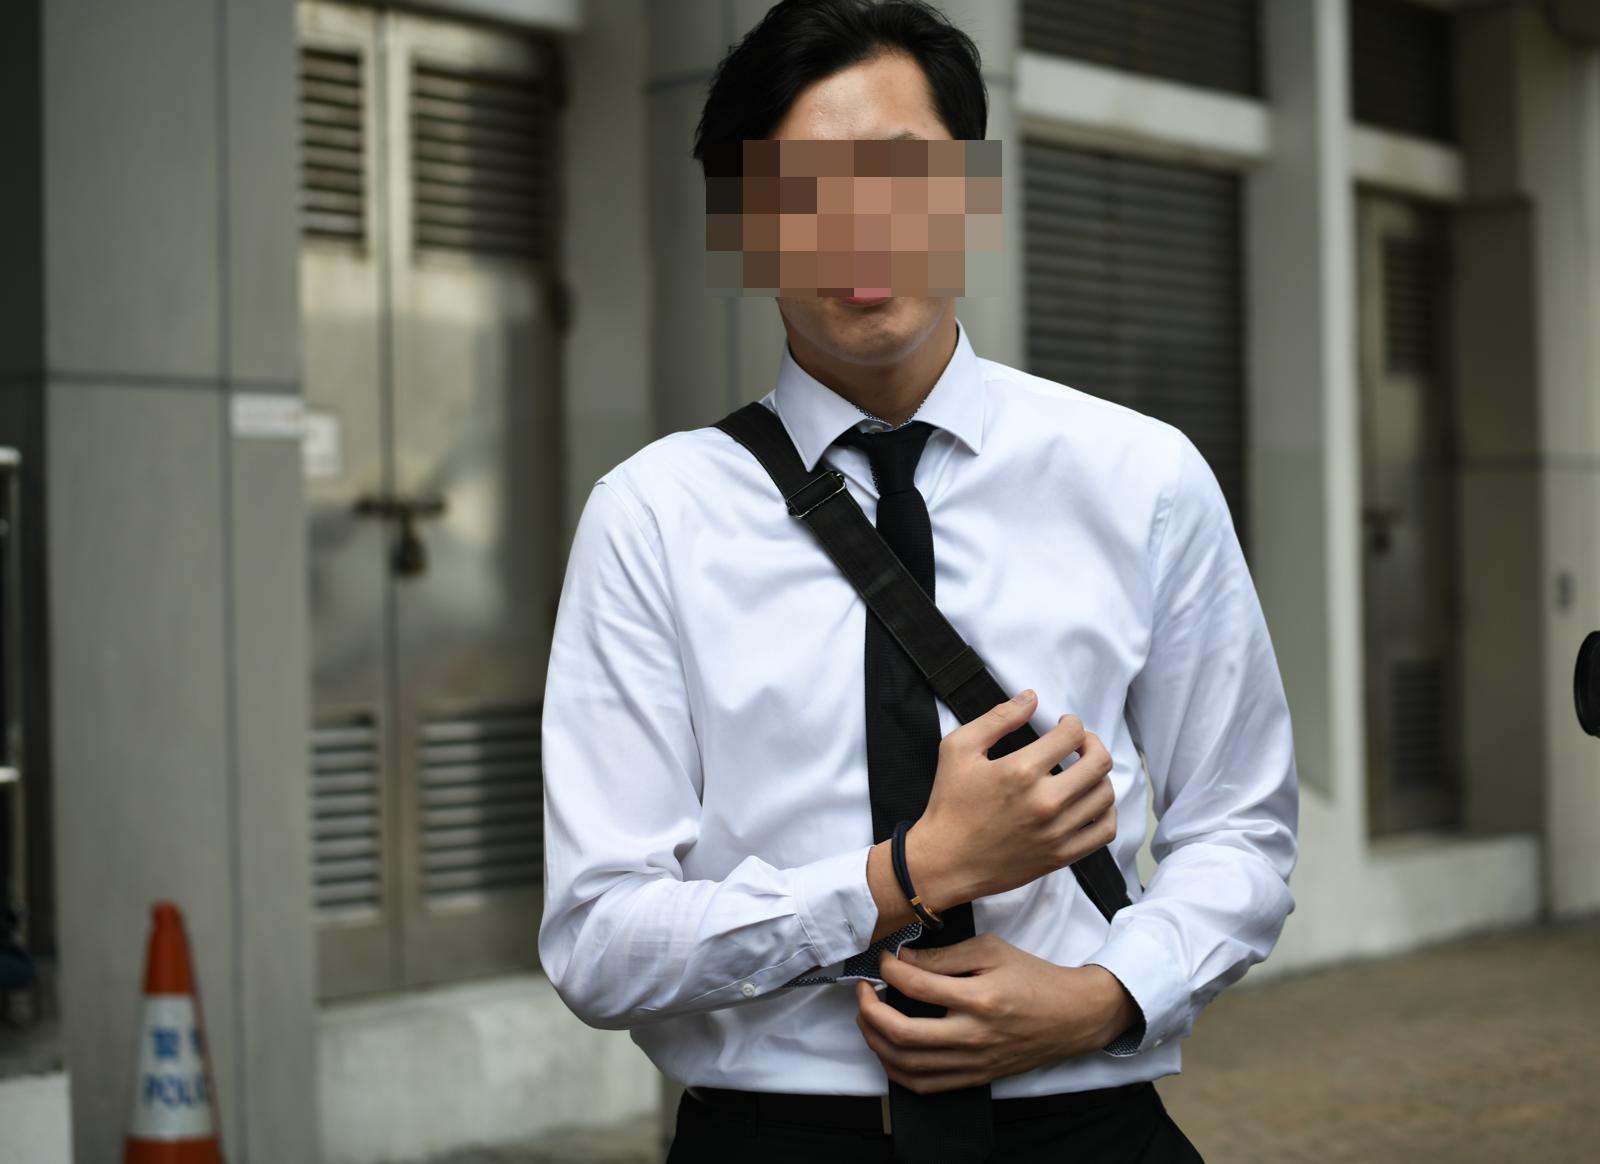 【626围警总】装修工涉袭警被控暴动等罪无上庭 官下拘捕令通缉